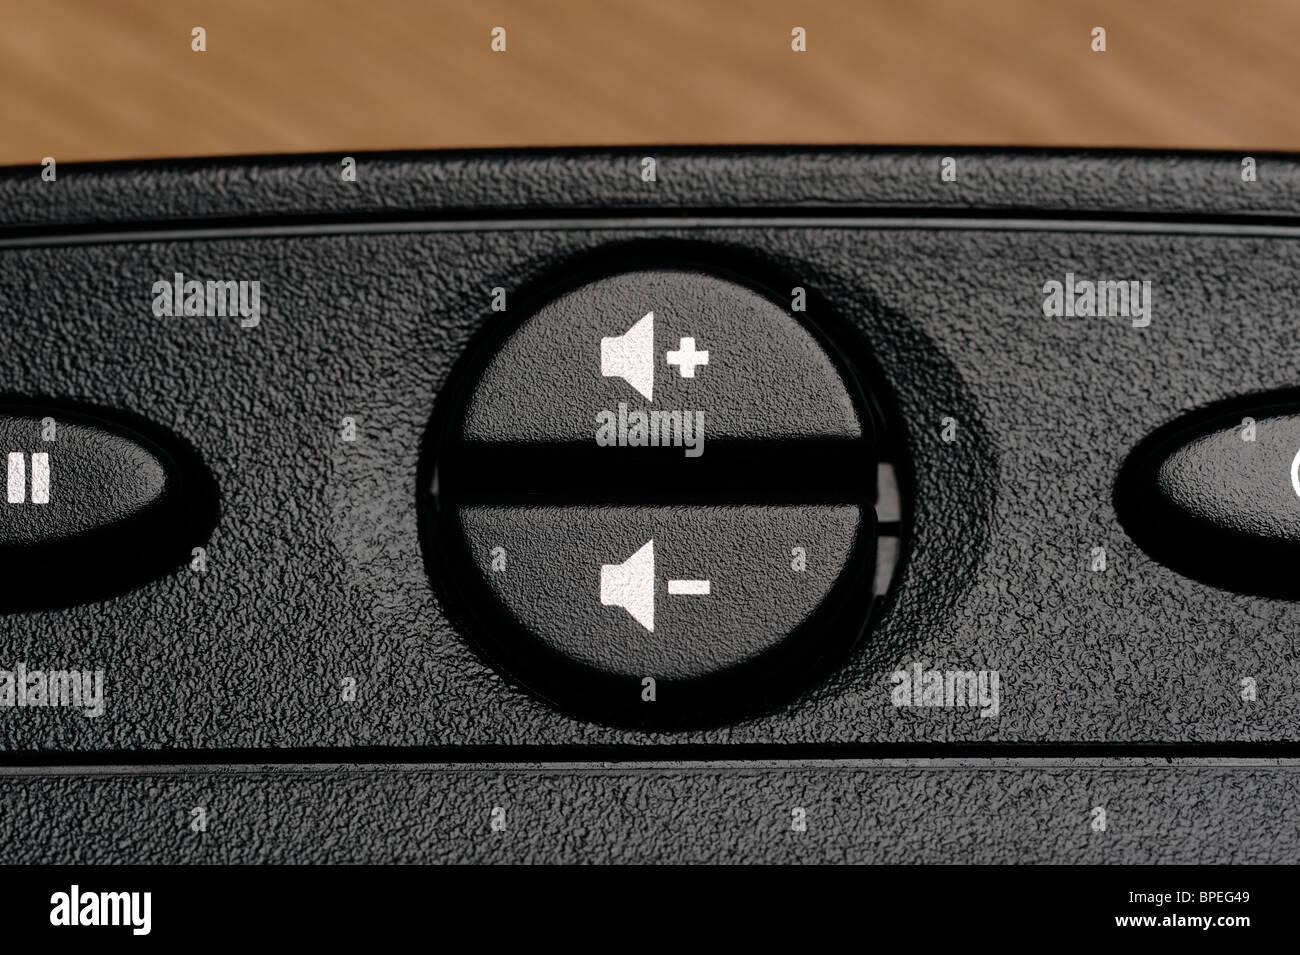 Tastiera per computer altoparlante controlli di volume Immagini Stock